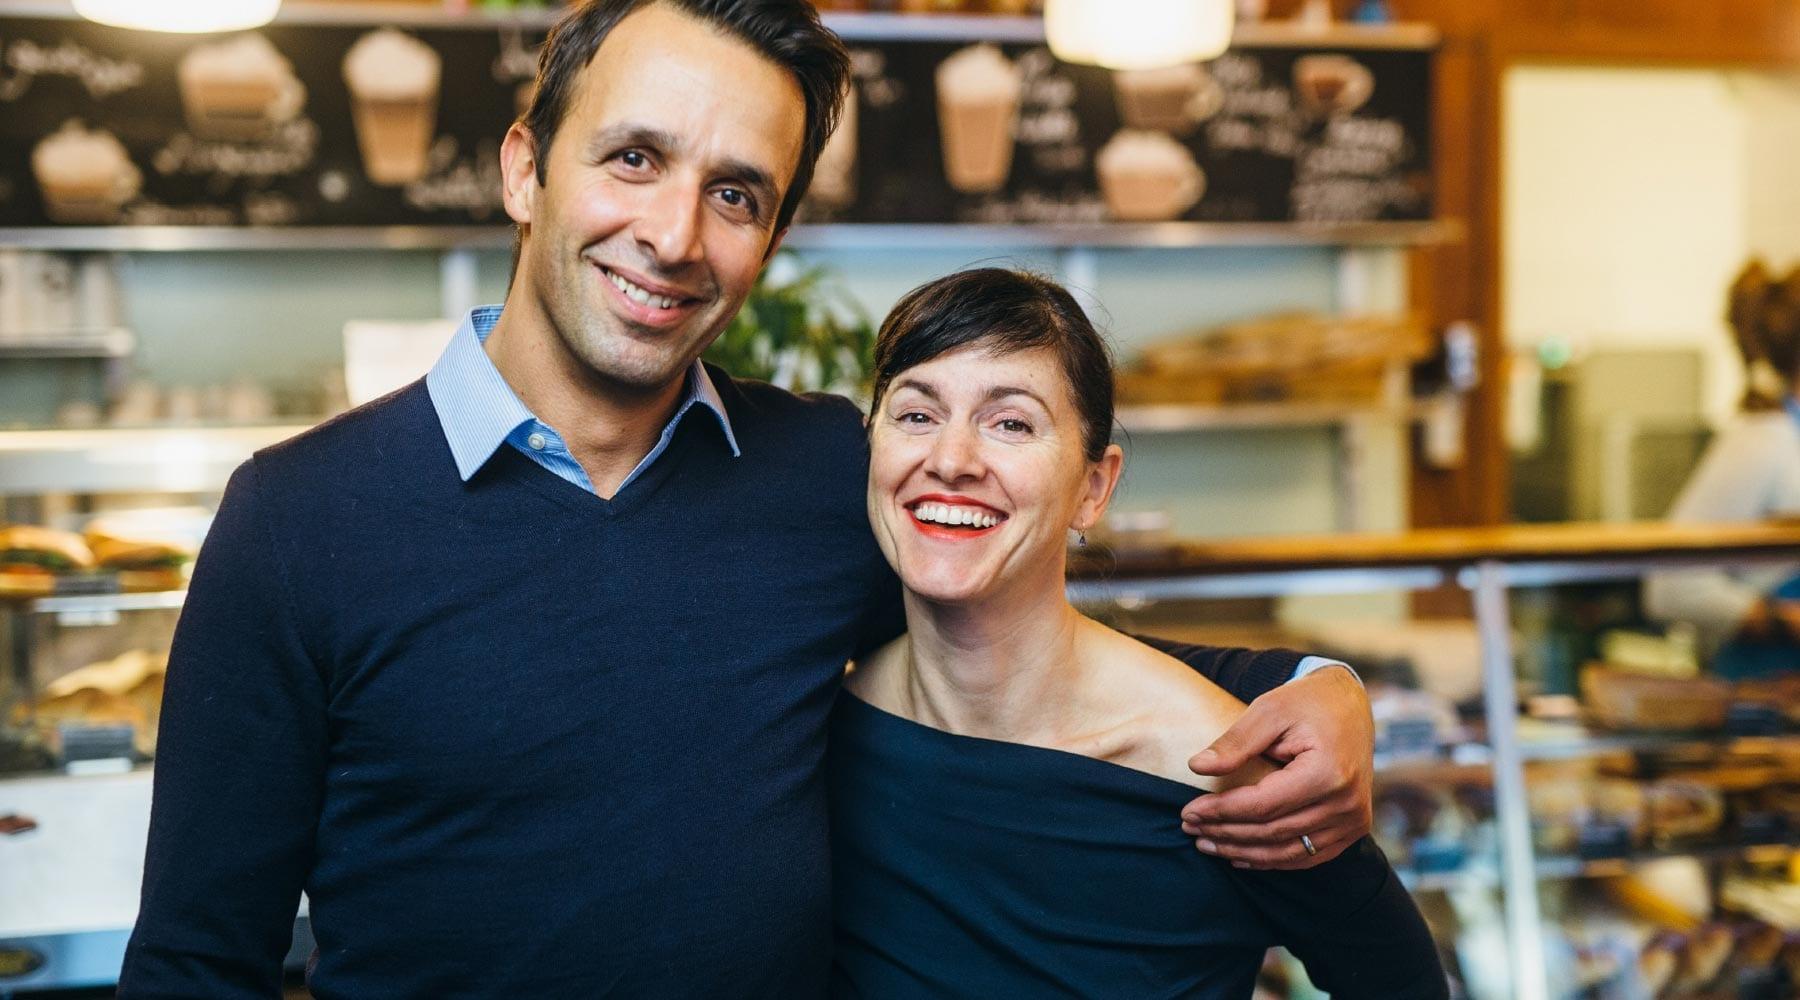 Portugiesisch-griechische Cafés, Fingerfood-Catering und Produzent perfekter Backwaren. Paula Gouveia und George Andreadis sind Berliner Unternehmer aus Leidenschaft.